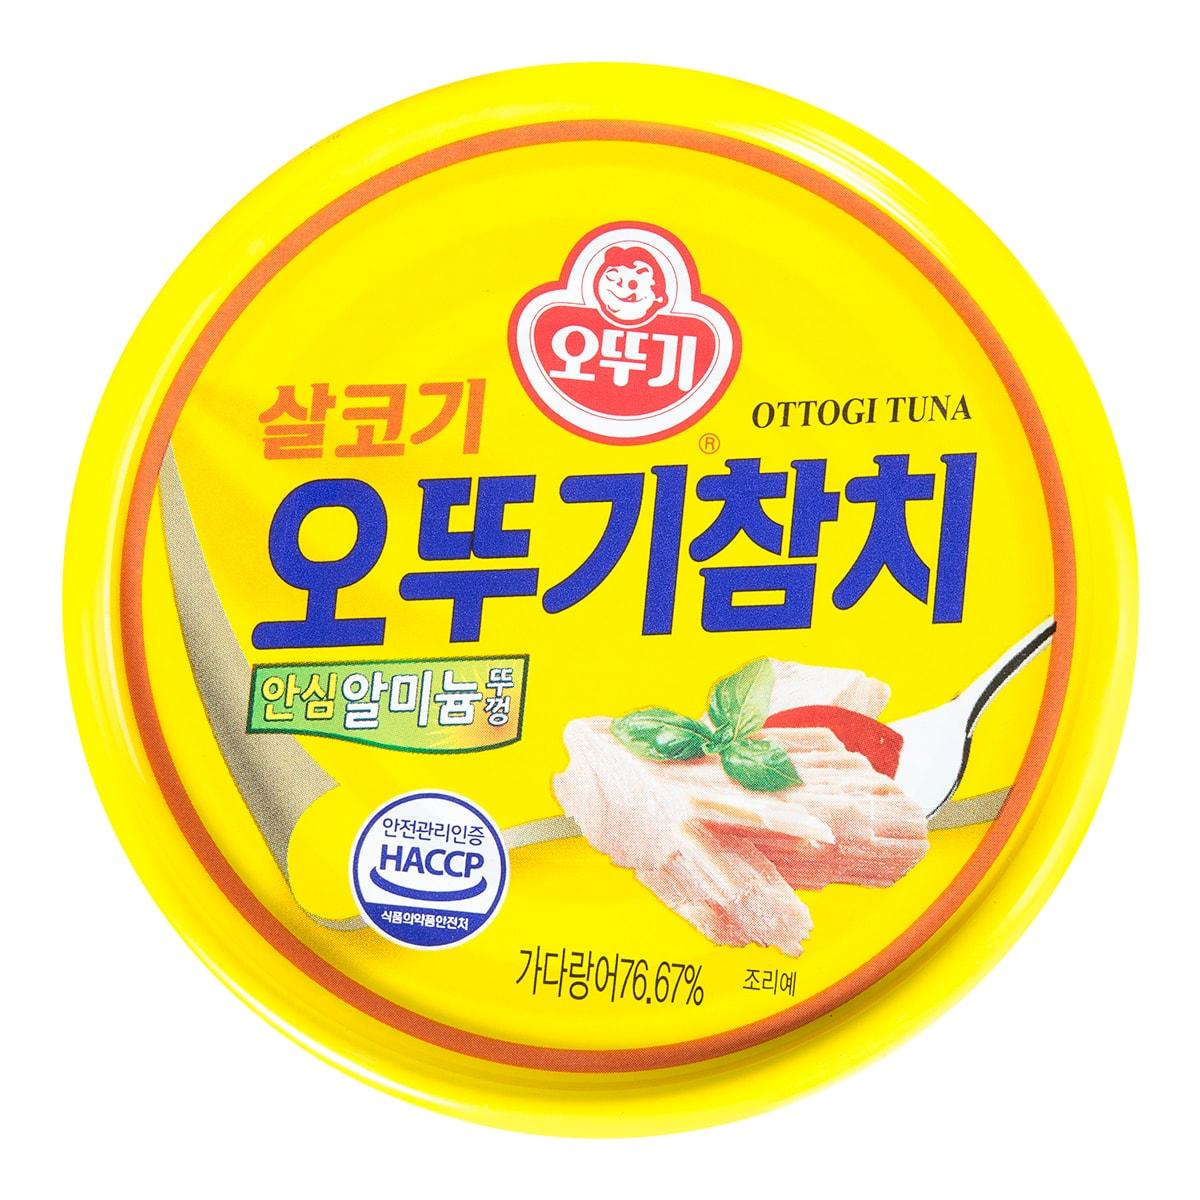 韩国OTTOGI不倒翁 金枪鱼罐头 清淡原味 150g